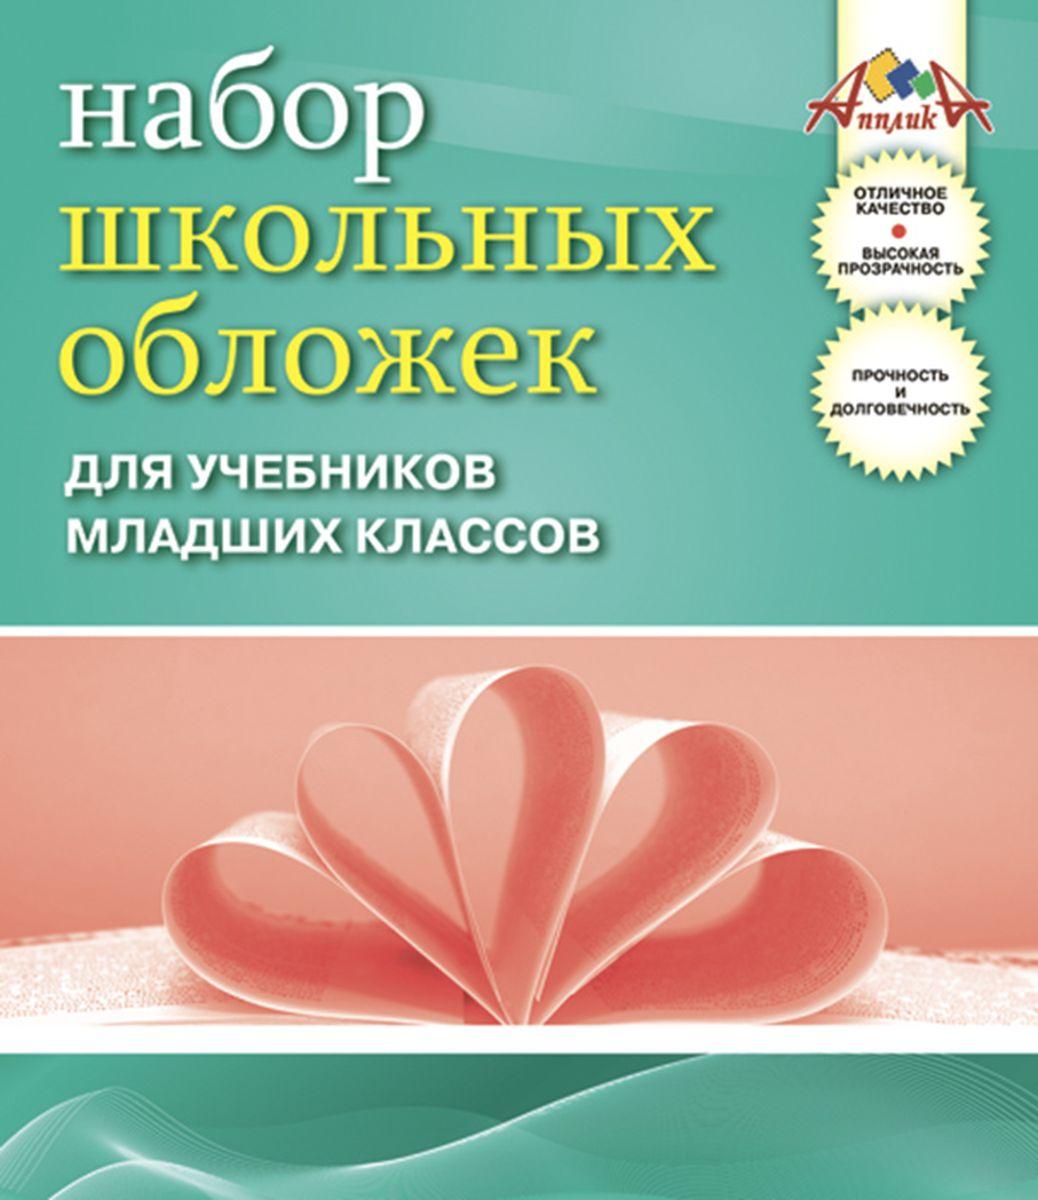 Апплика Набор обложек для учебников младших классов 5 шт апплика набор обложек для учебников младших классов 5 шт